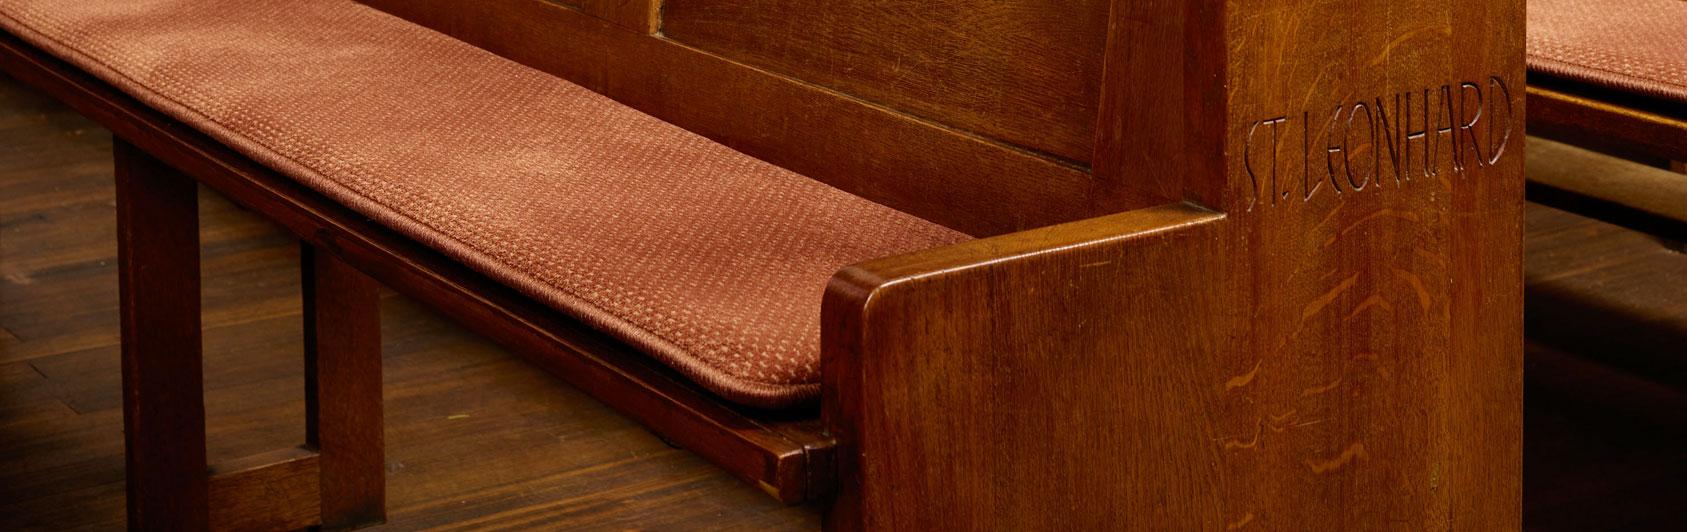 banc d'église coussin Samtplush code couleur 2127 couleur brun rougeâtre Riegelsberg